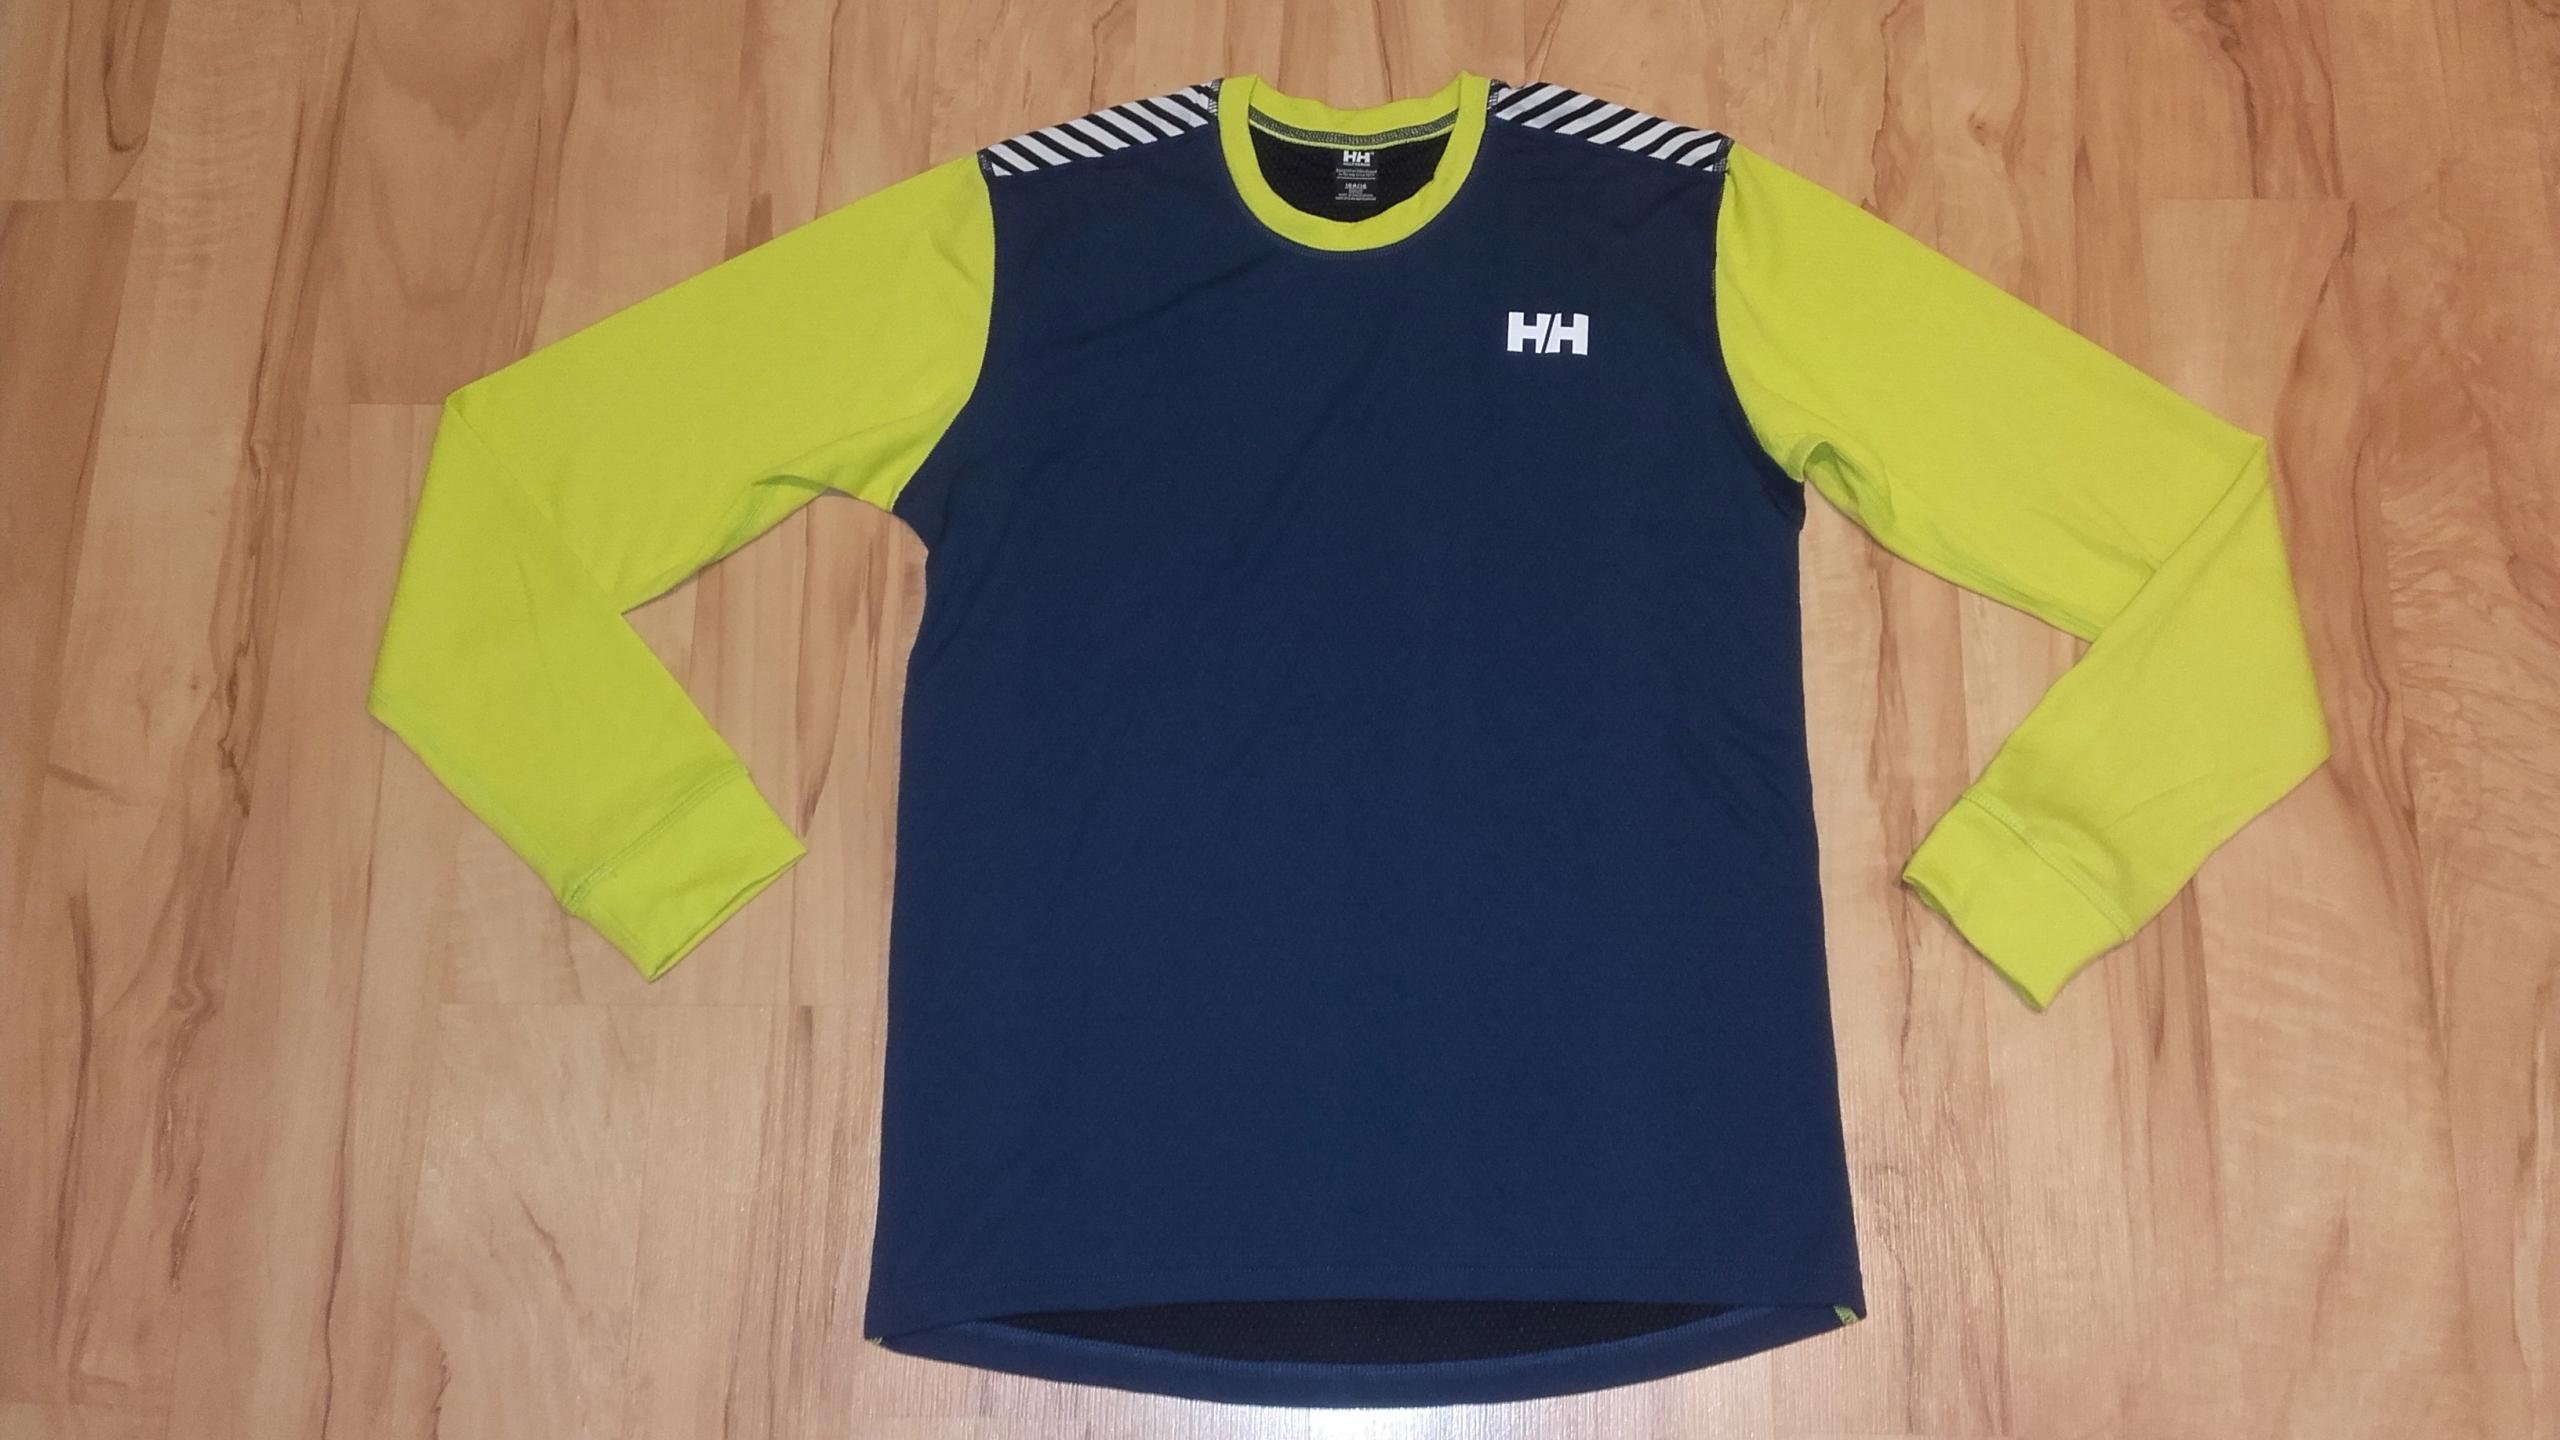 0914f7966 Koszulka termiczna Helly Hansen 14 l 164 cm - 7680546366 - oficjalne ...